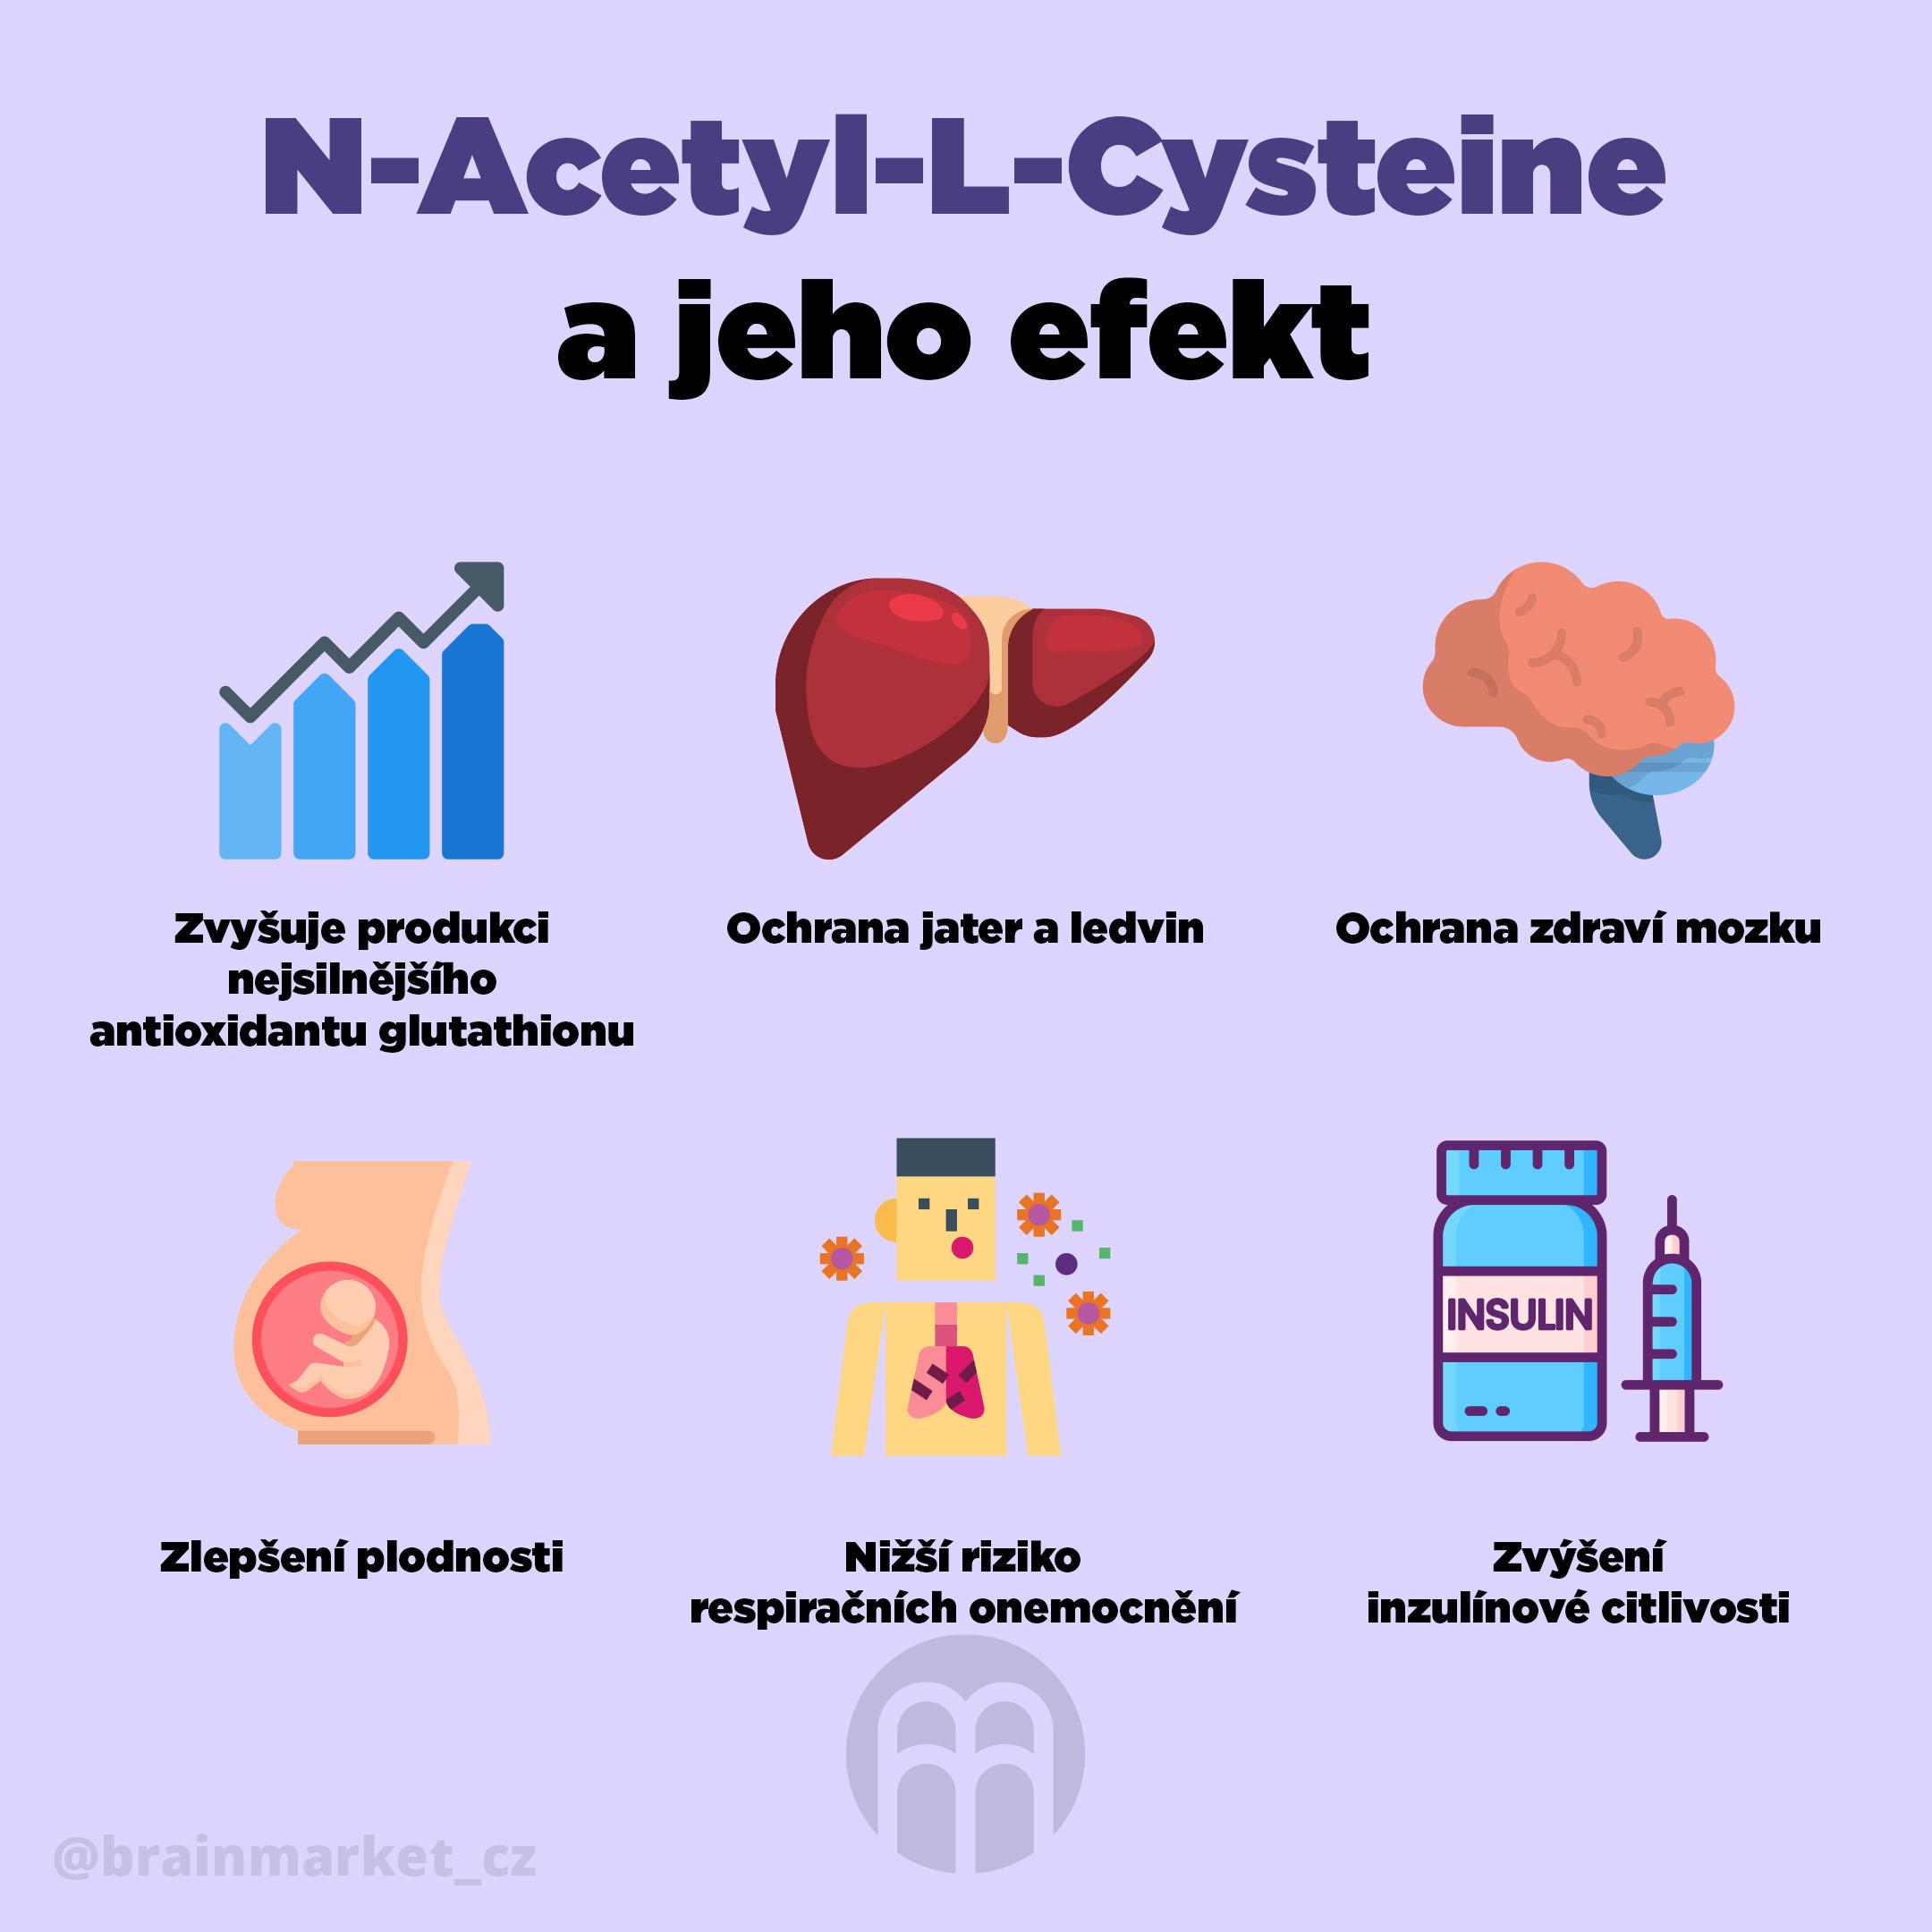 nac-a-jeho-efekt-infografika-brainmarket-cz